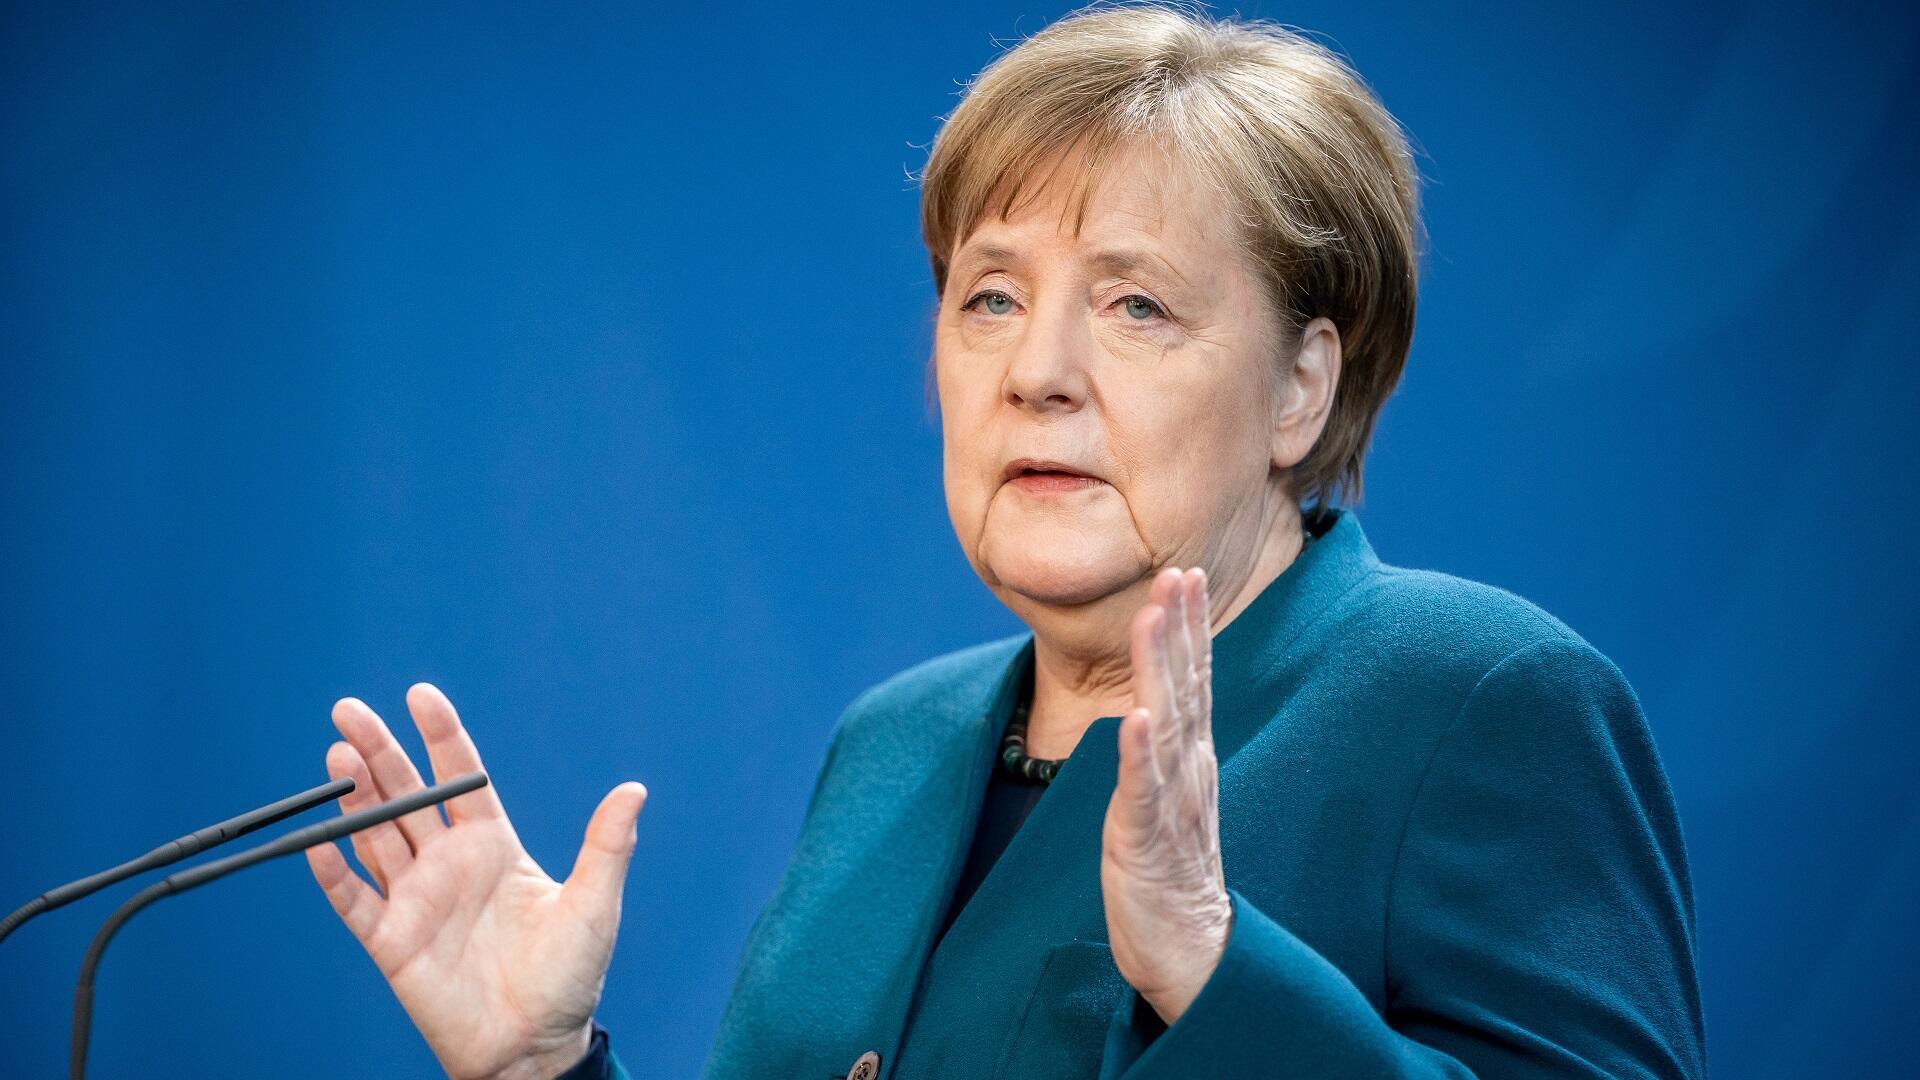 La canciller alemana, Angela Merkel, hace una declaración a los medios sobre la propagación del coronavirus en su país, el 22 de marzo de 2020.